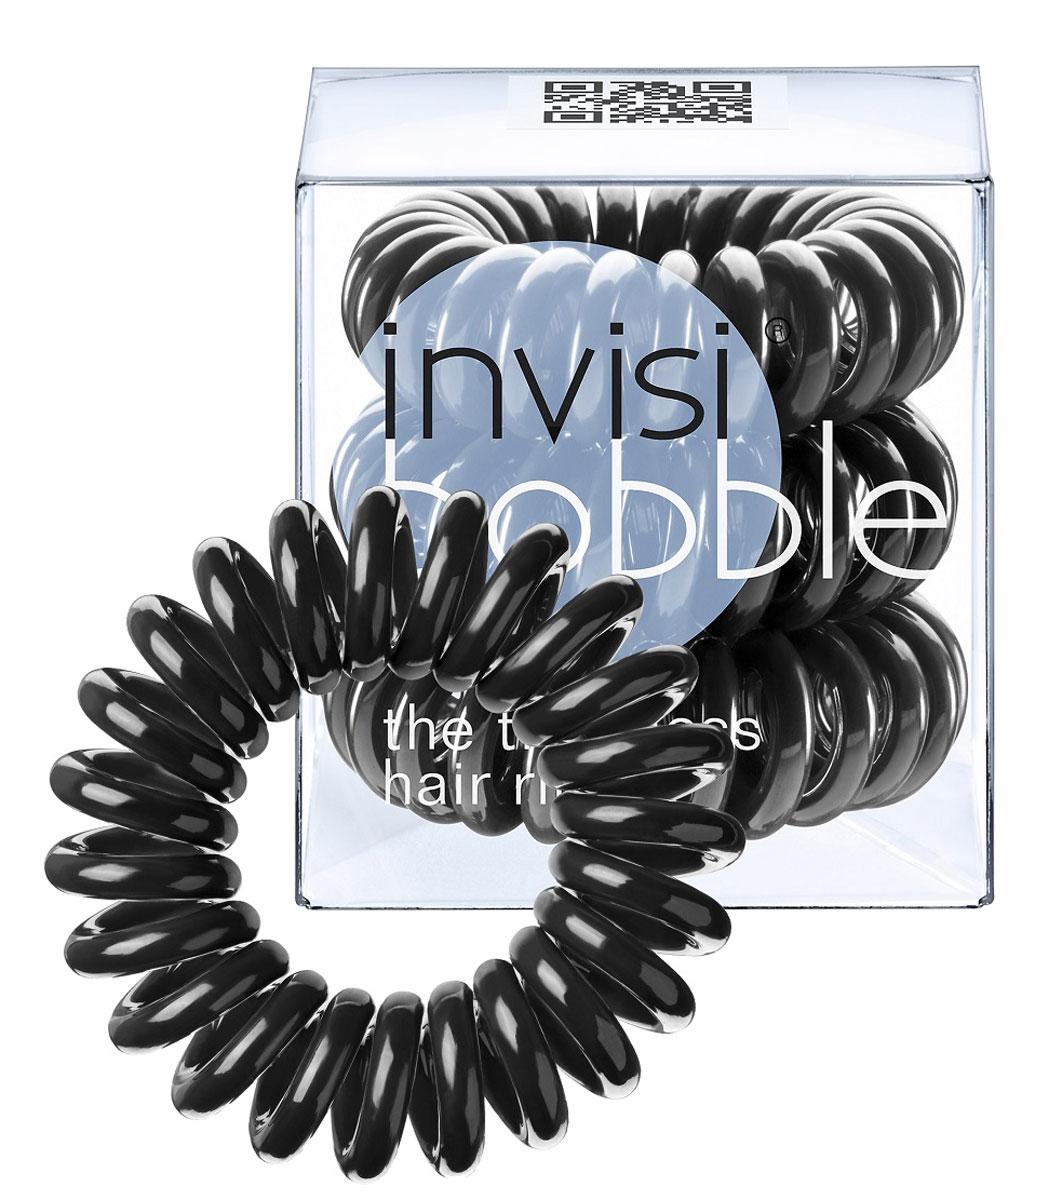 Invisibobble Резинка-браслет для волос True Black, 3 штSatin Hair 7 BR730MNОригинальные резинки-браслеты Invisibobble в форме телефонного шнура, созданные в Германии.Резинки-браслеты Invisibobble подходят для всех типов волос, надежно фиксируют прическу, не оставляют заломов и не вызывают головную боль благодаря неравномерному распределению давления на волосы. Кроме того, они не намокают и не вызывают аллергию при контакте с кожей, поскольку изготовлены из искусственной смолы. Резинка-браслет Invisibobble черного цвета.C резинками Invisibobble можно легко создавать разнообразные прически. Резинки прочно держат волосы любой длины, при этом, не стягивая их слишком туго. Телефонный провод позволяет с легкостью и без вреда для волос протягивать пряди под спираль и ослаблять уже закрепленные для придания объема прическе. Invisibobble Original идеально подходят для ежедневного применения.Не комедогенна.